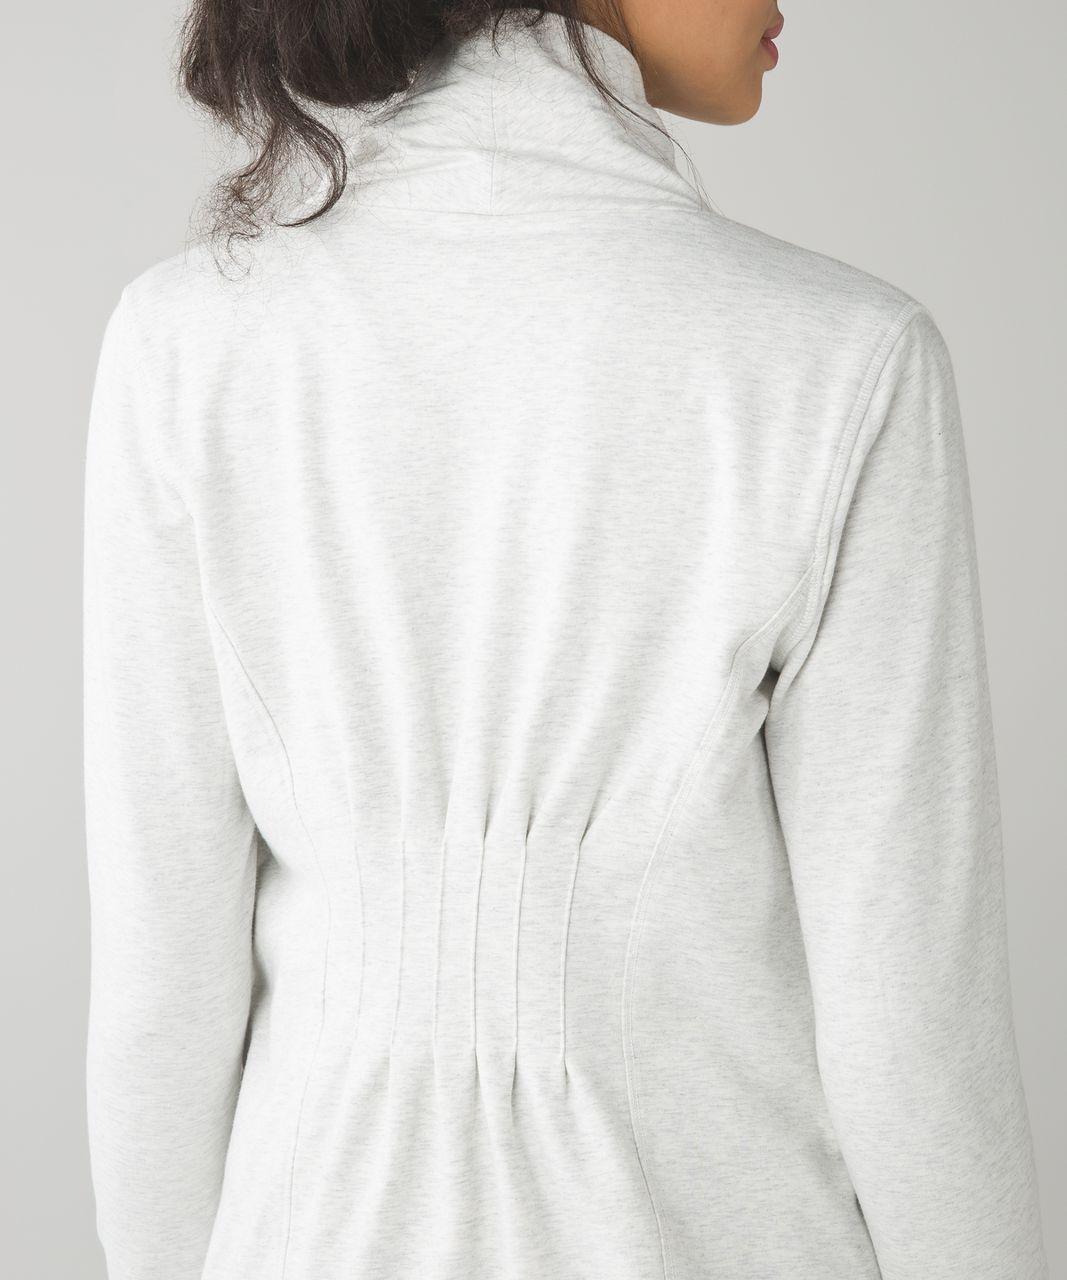 Lululemon Restore Wrap - Heathered White